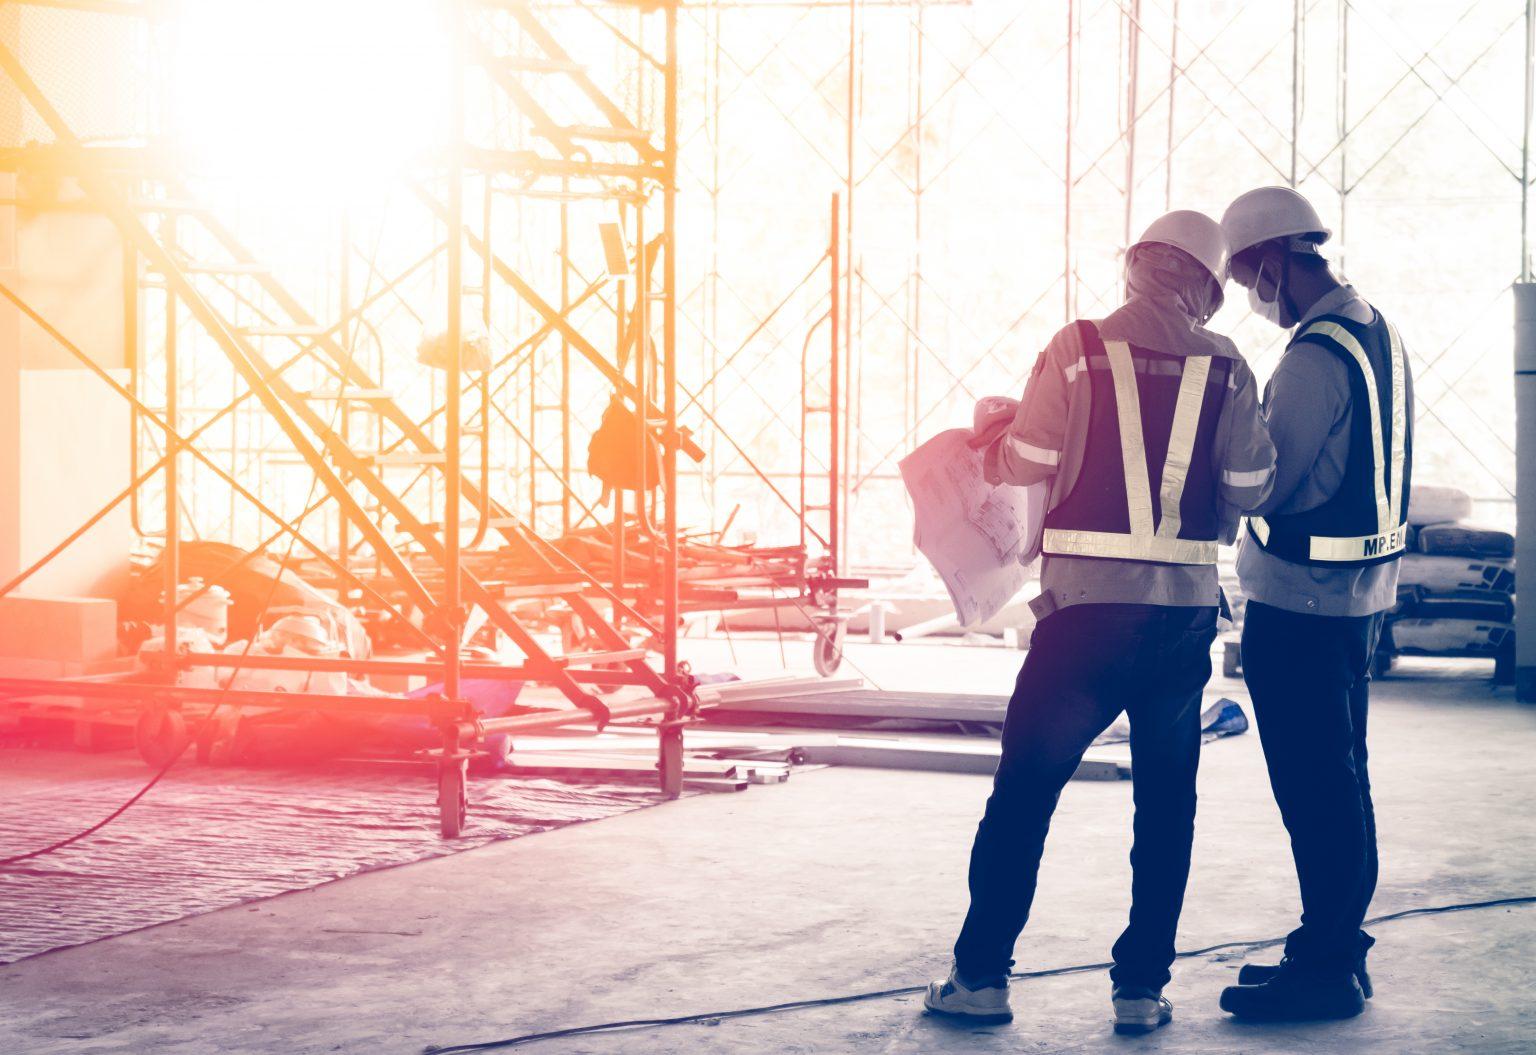 les responsables sécurité au travail sur le chantier et regardent la DICT